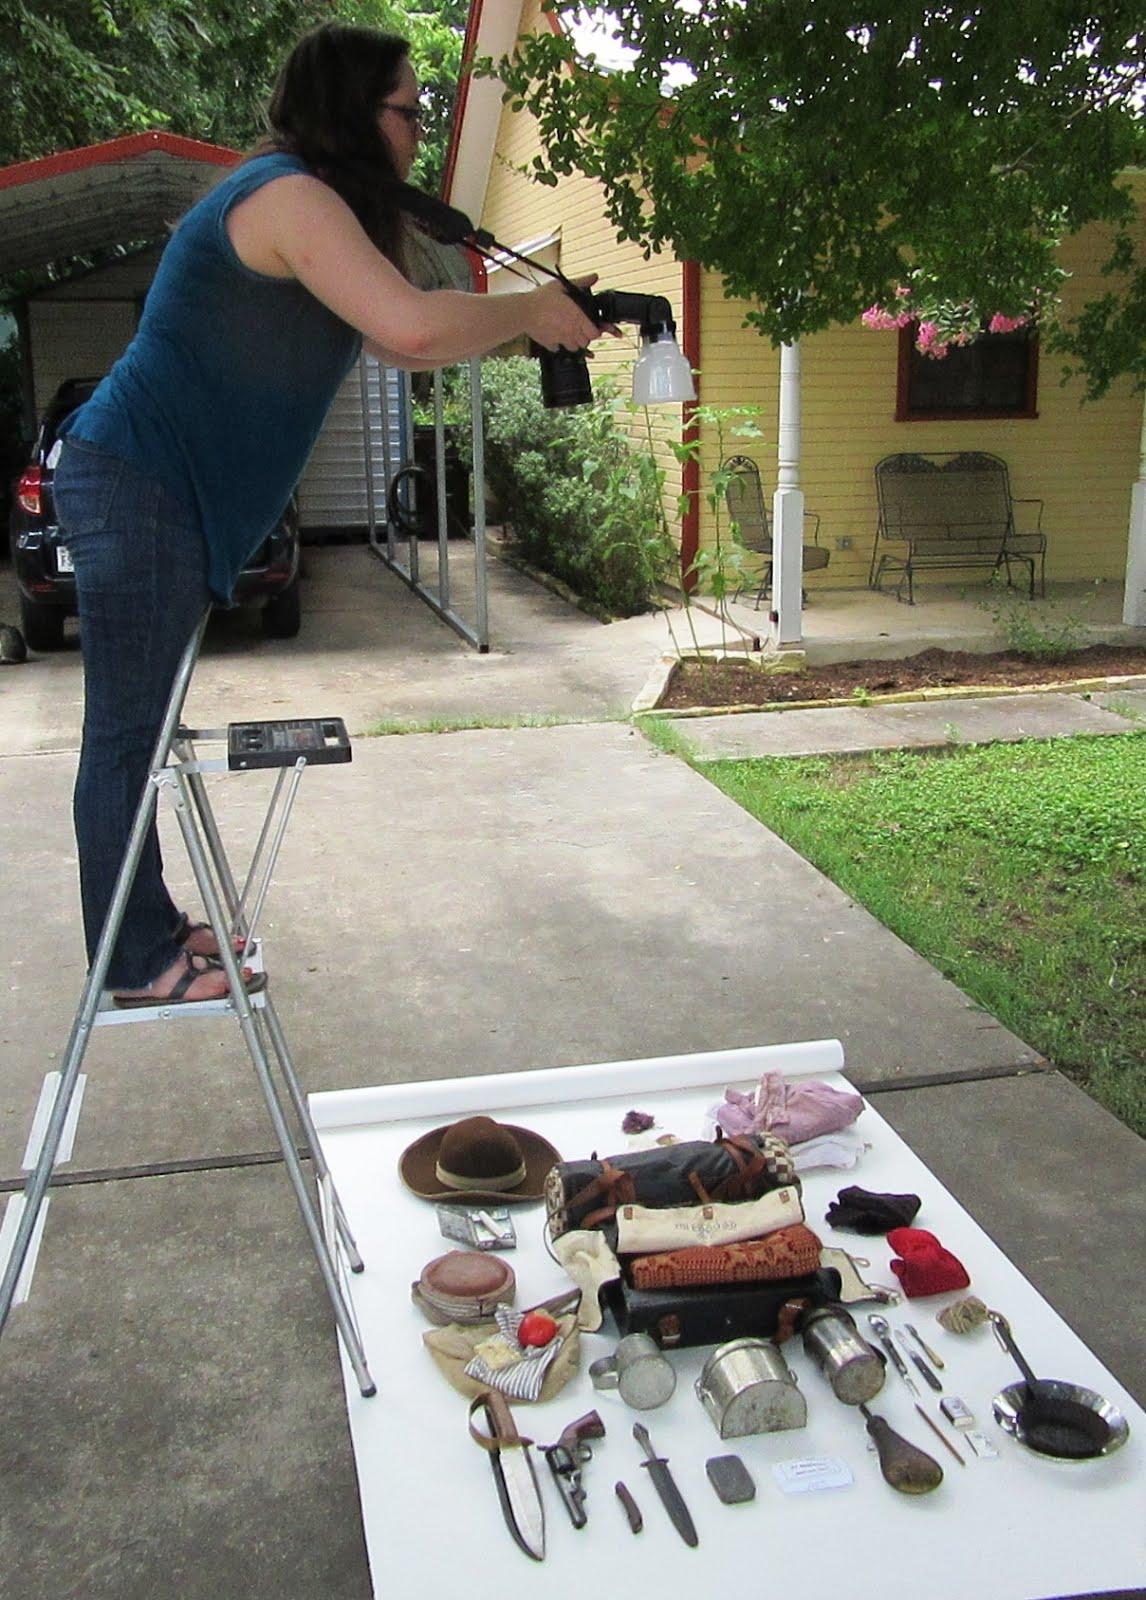 Allison Shooting My CW Bug-Out Bag